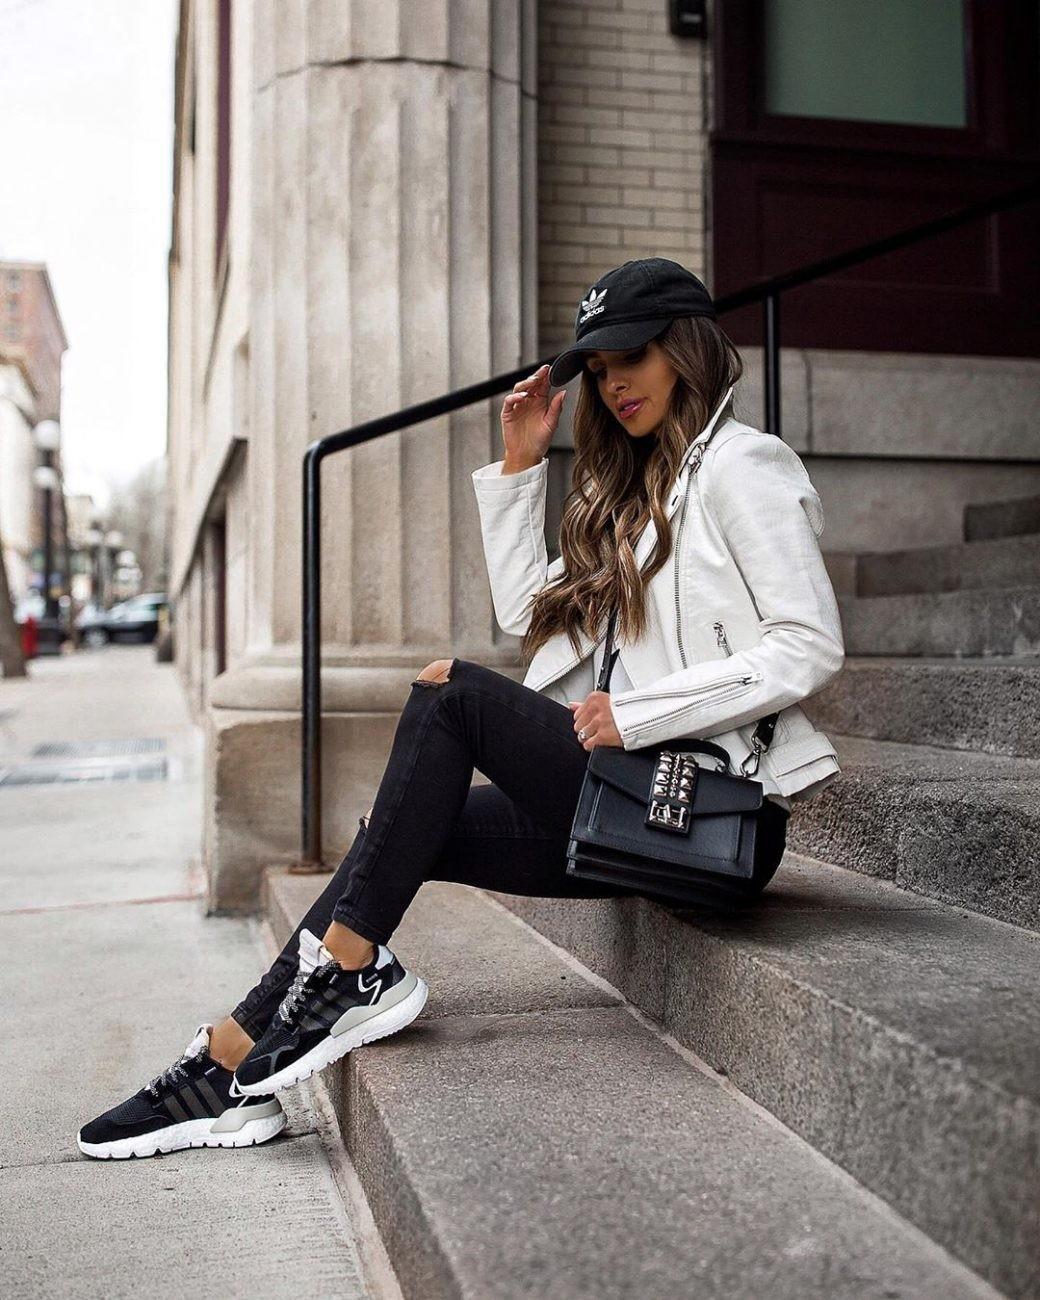 طرق ارتداء الجاكت الأبيض-جاكيت أبيض مع بنطلون أسود